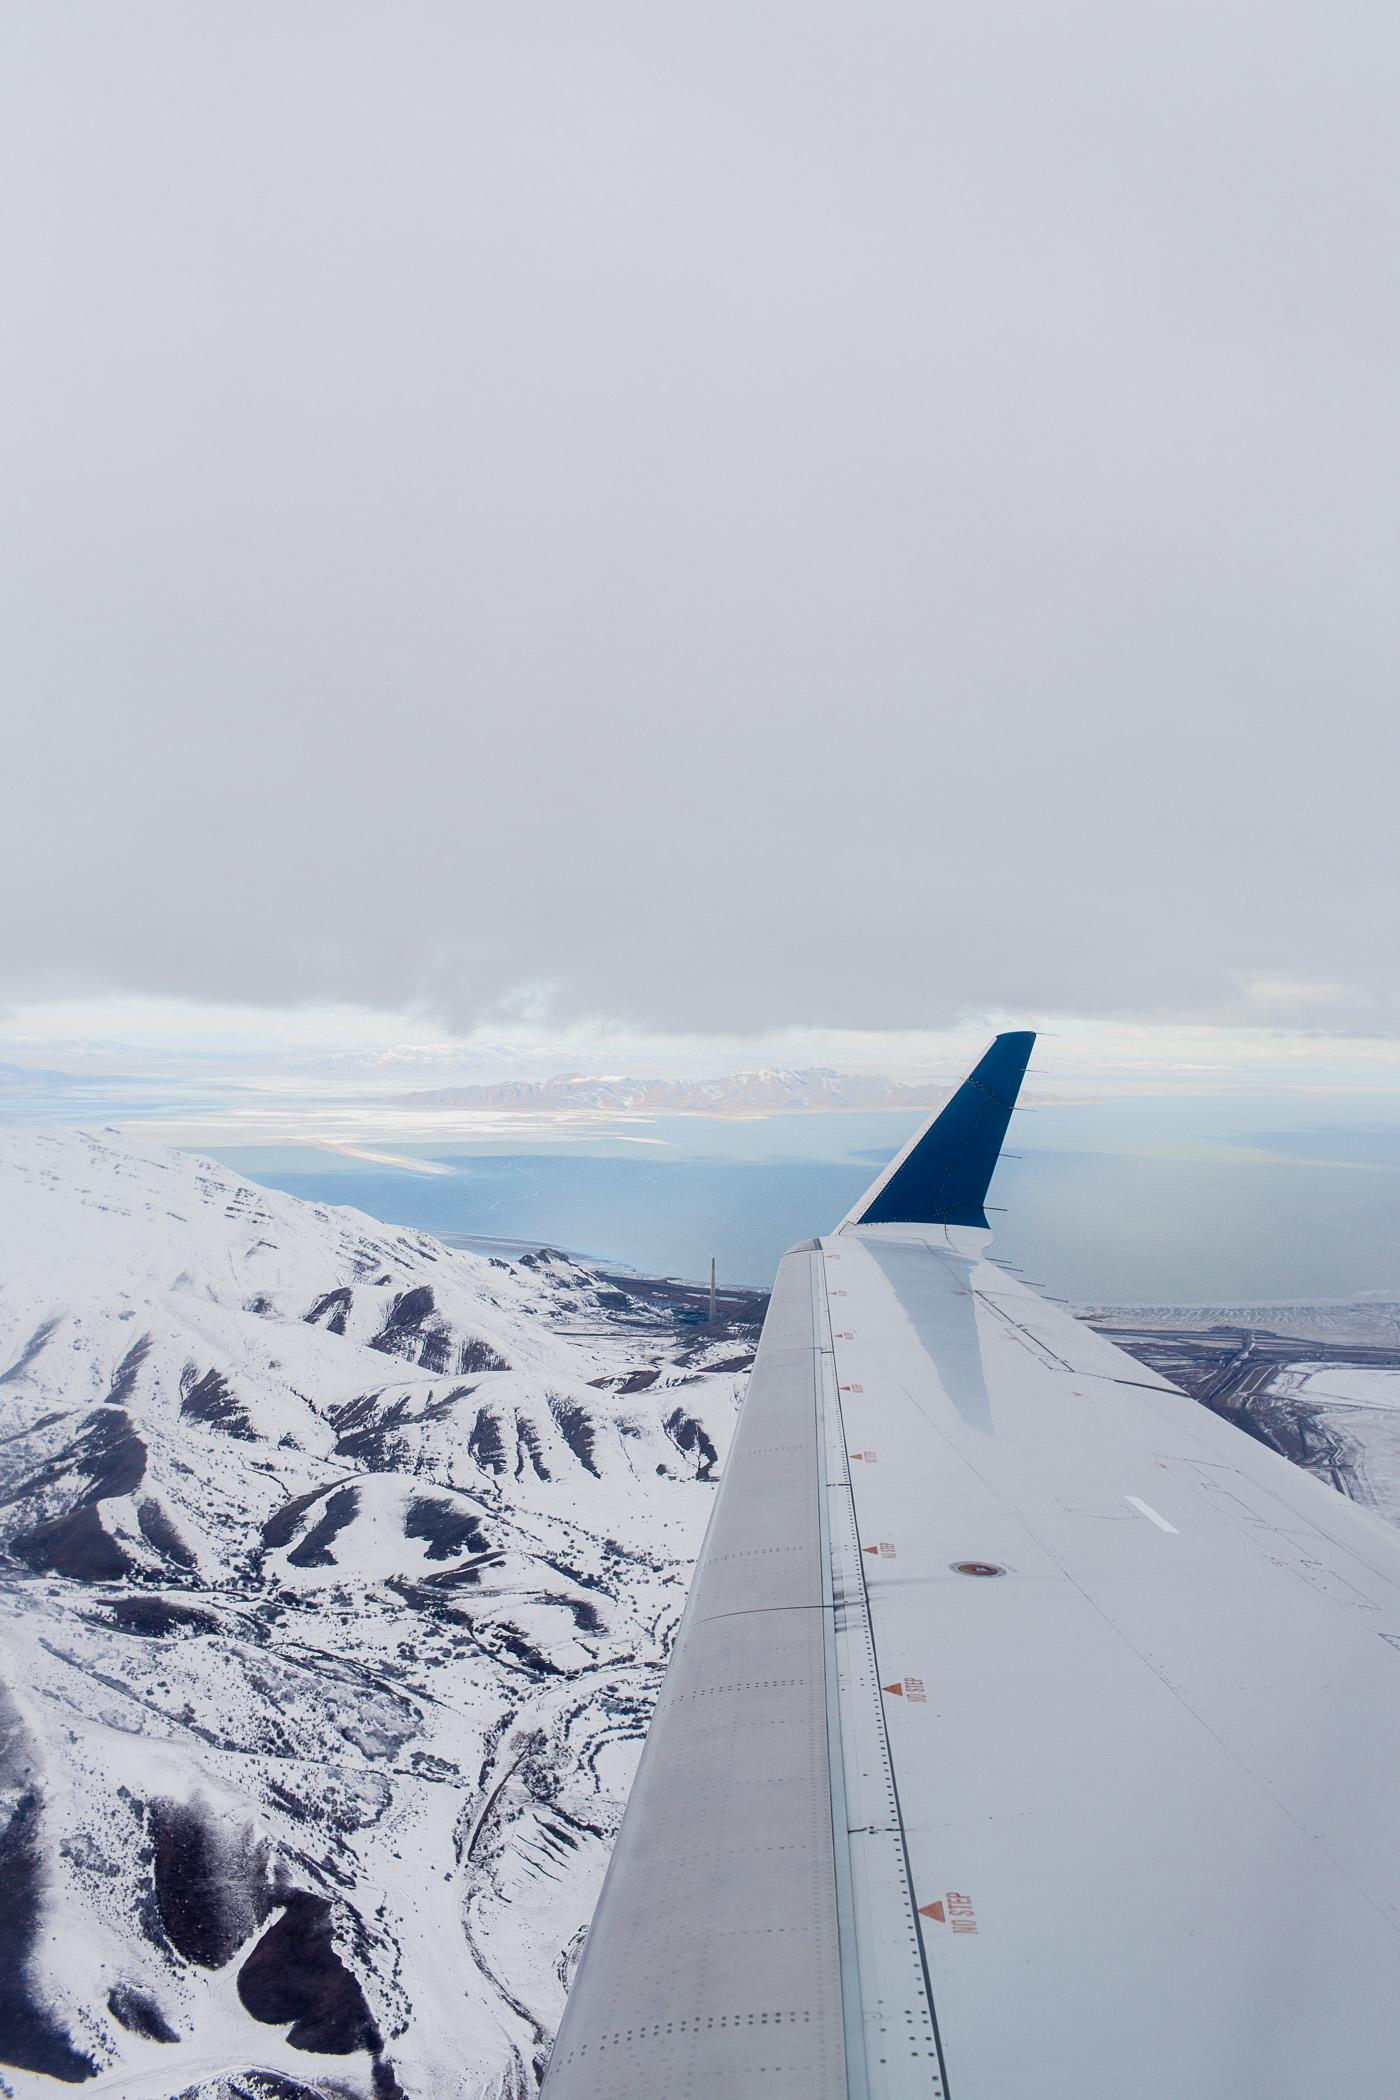 Flying to Salt Lake City, Utah